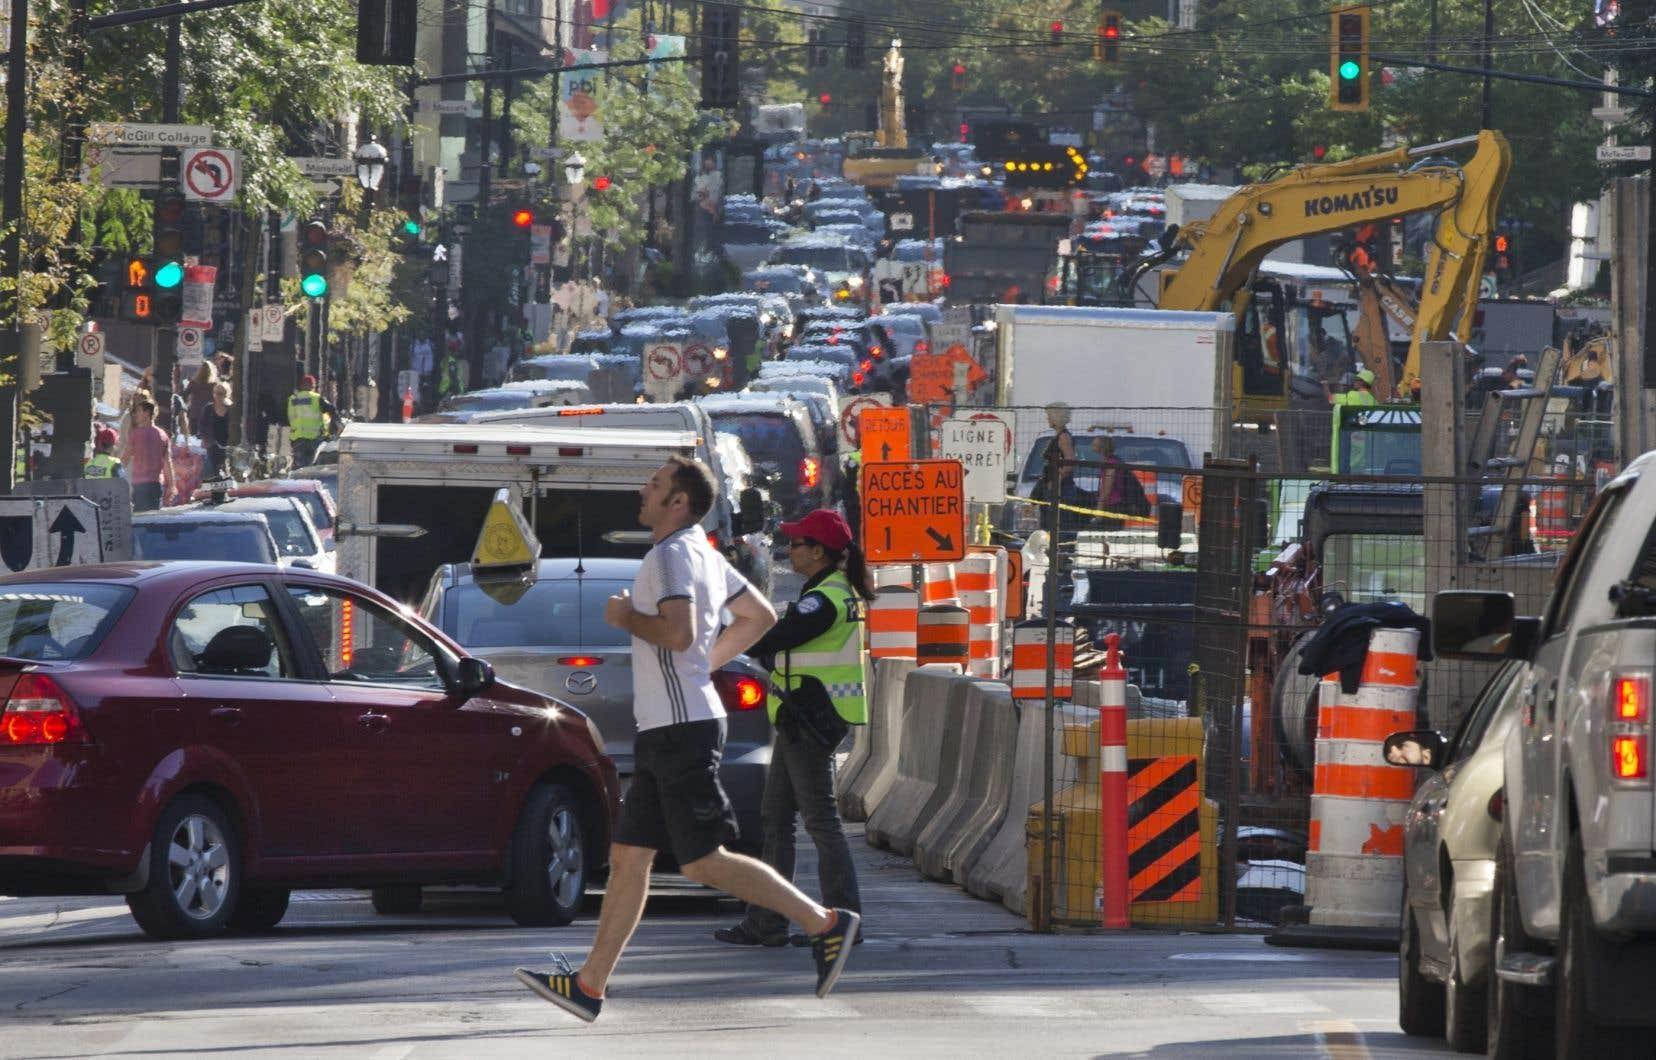 La mission de cette escouade est d'éliminer les entraves à la circulation attribuables aux chantiers et à des infractions en matière de stationnement.